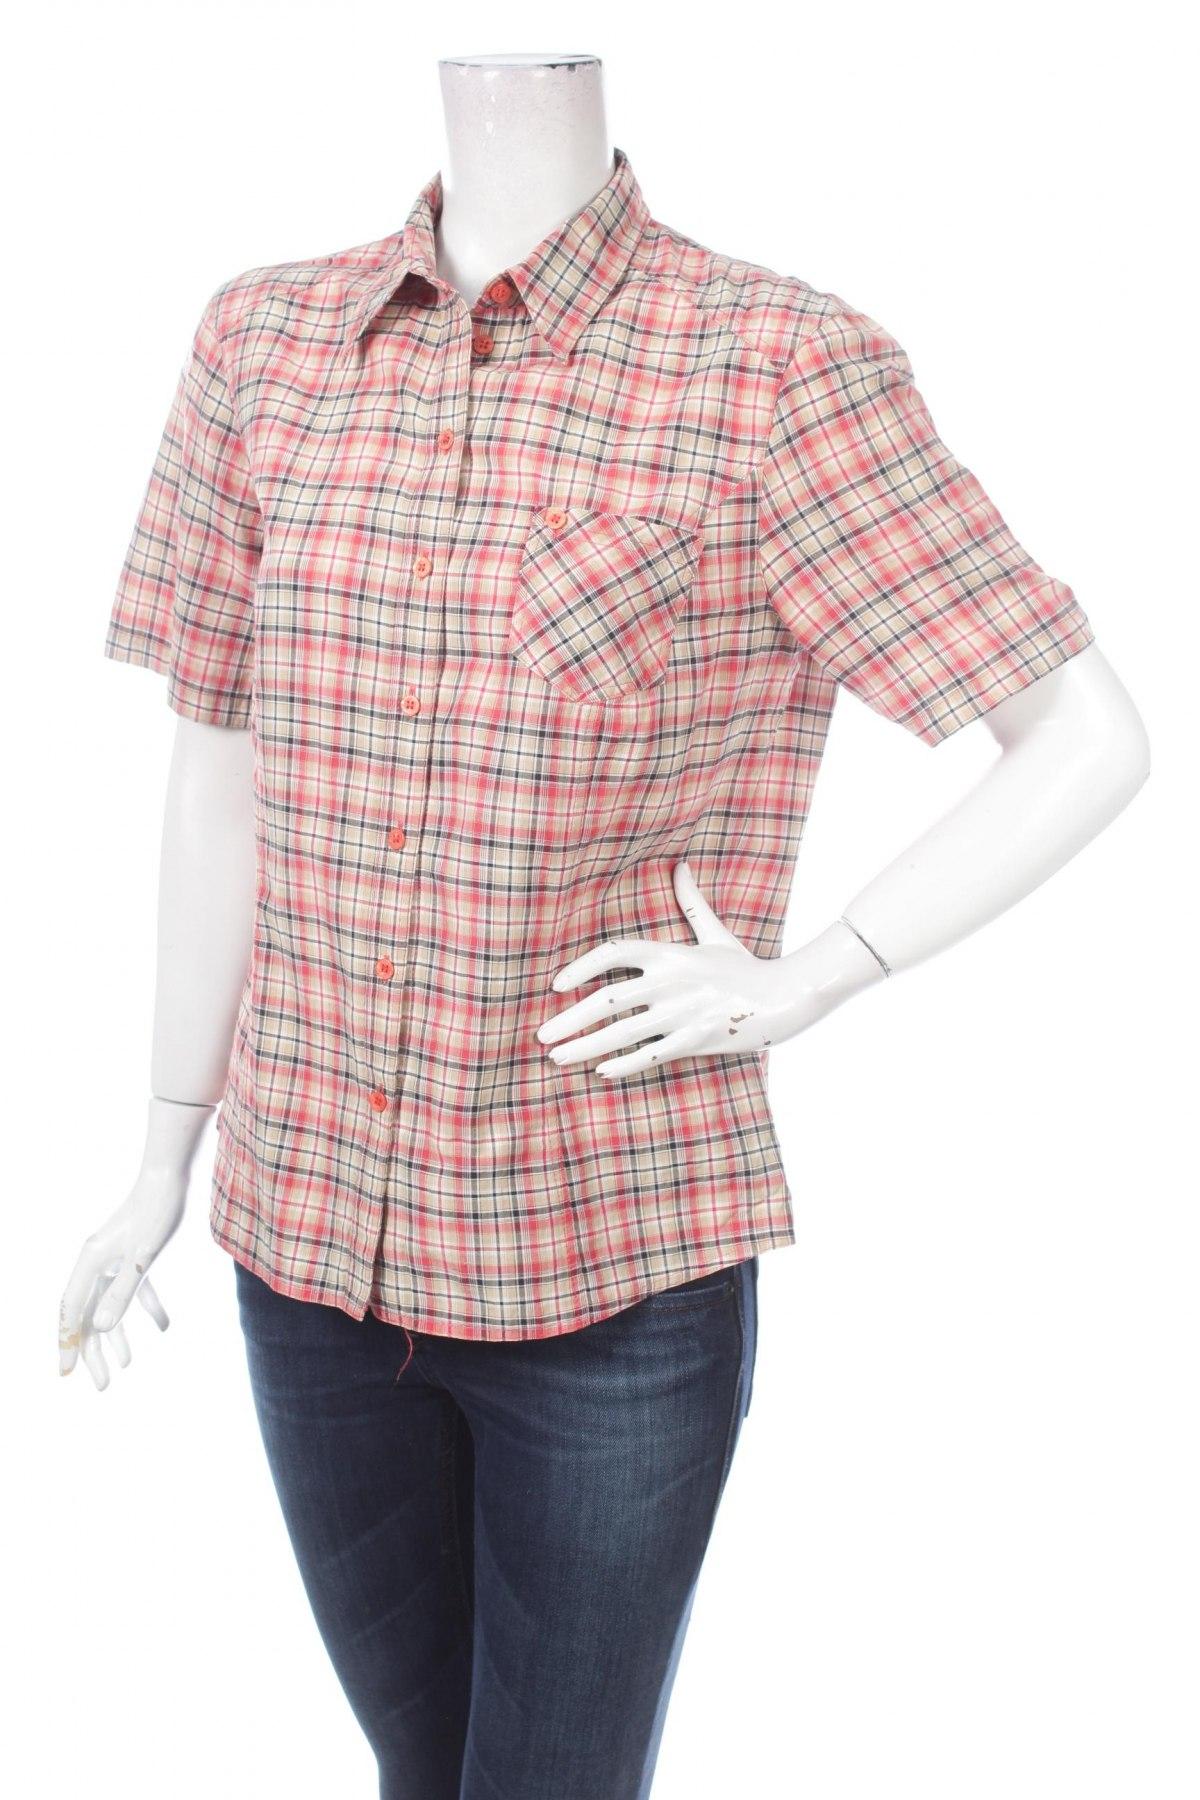 Γυναικείο πουκάμισο Bianca, Μέγεθος L, Χρώμα Πολύχρωμο, 61% βαμβάκι, 38% πολυεστέρας, 1% ελαστάνη, Τιμή 11,75€